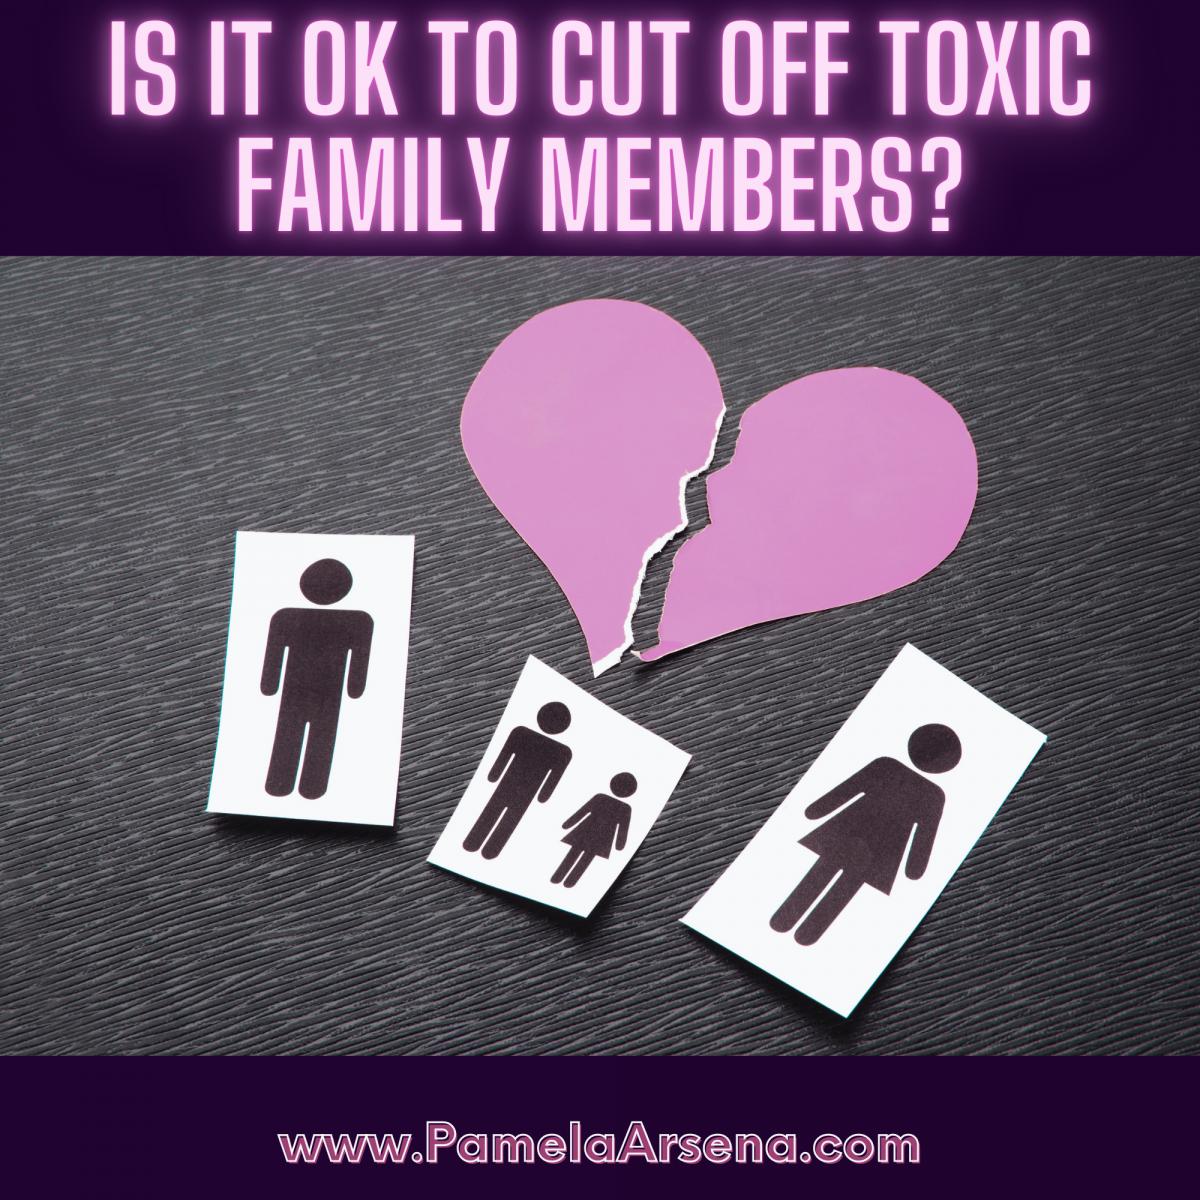 cut off toxic family members